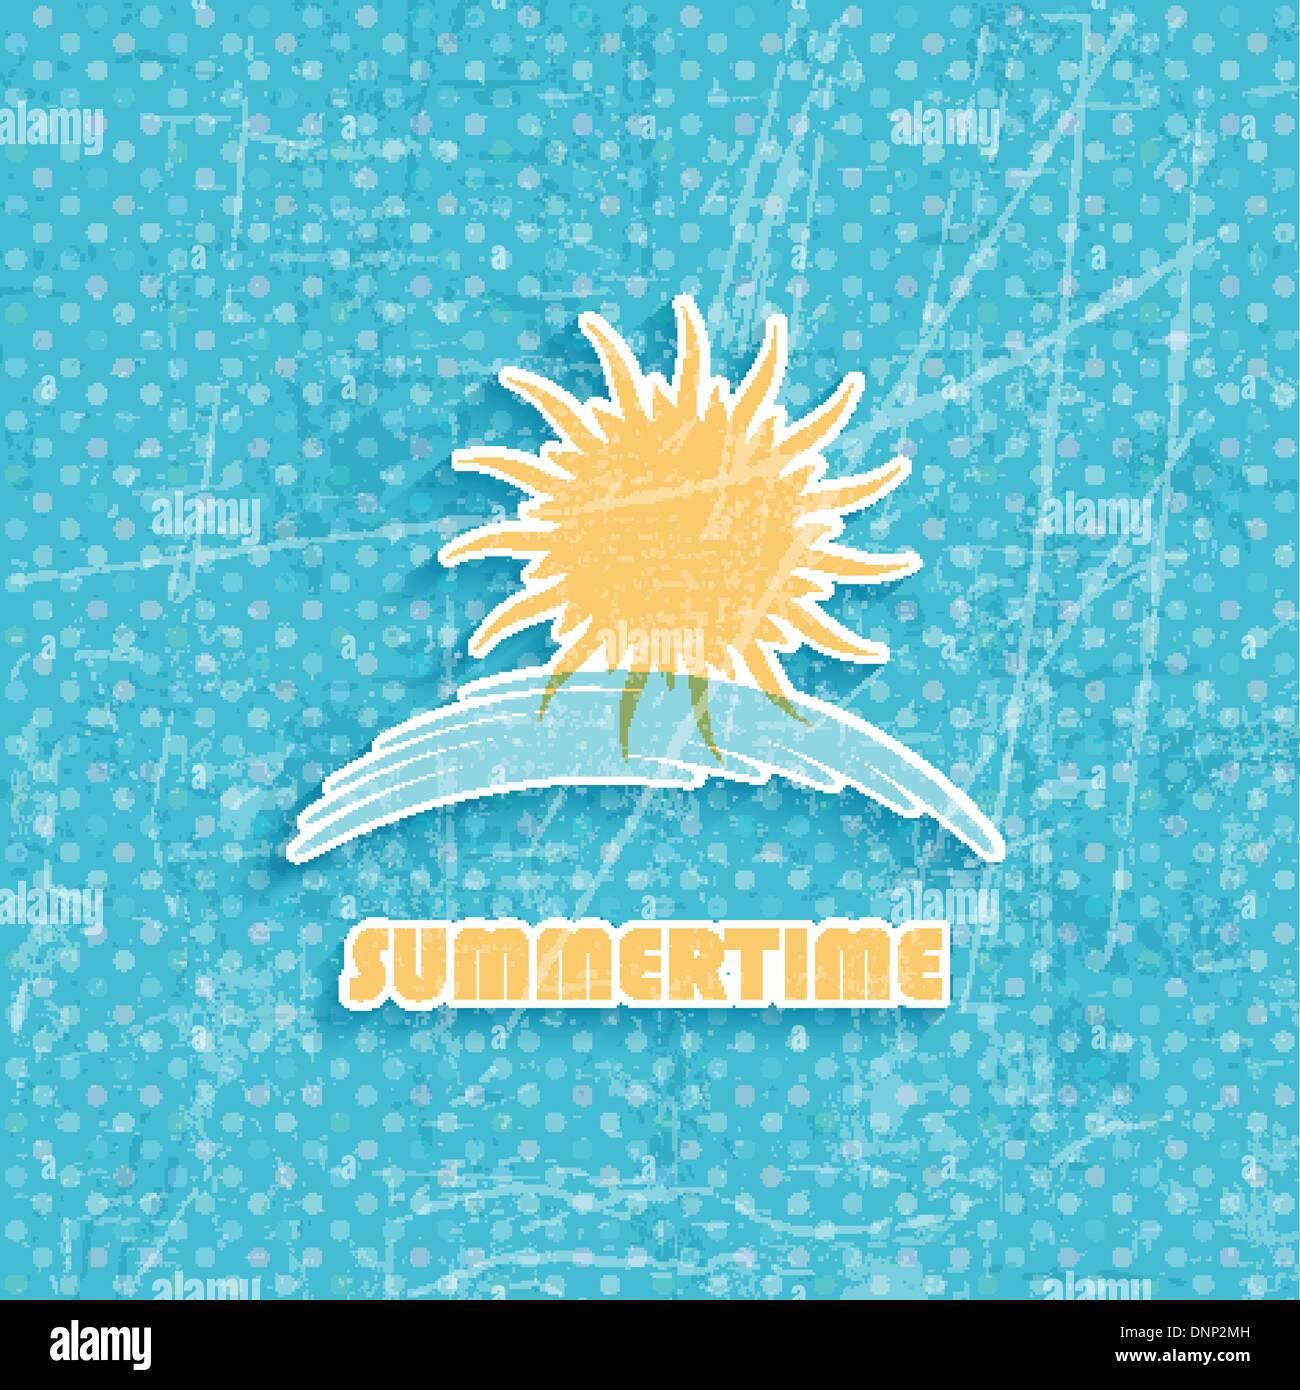 Stile grunge estate sfondo con icona di Sun Immagini Stock